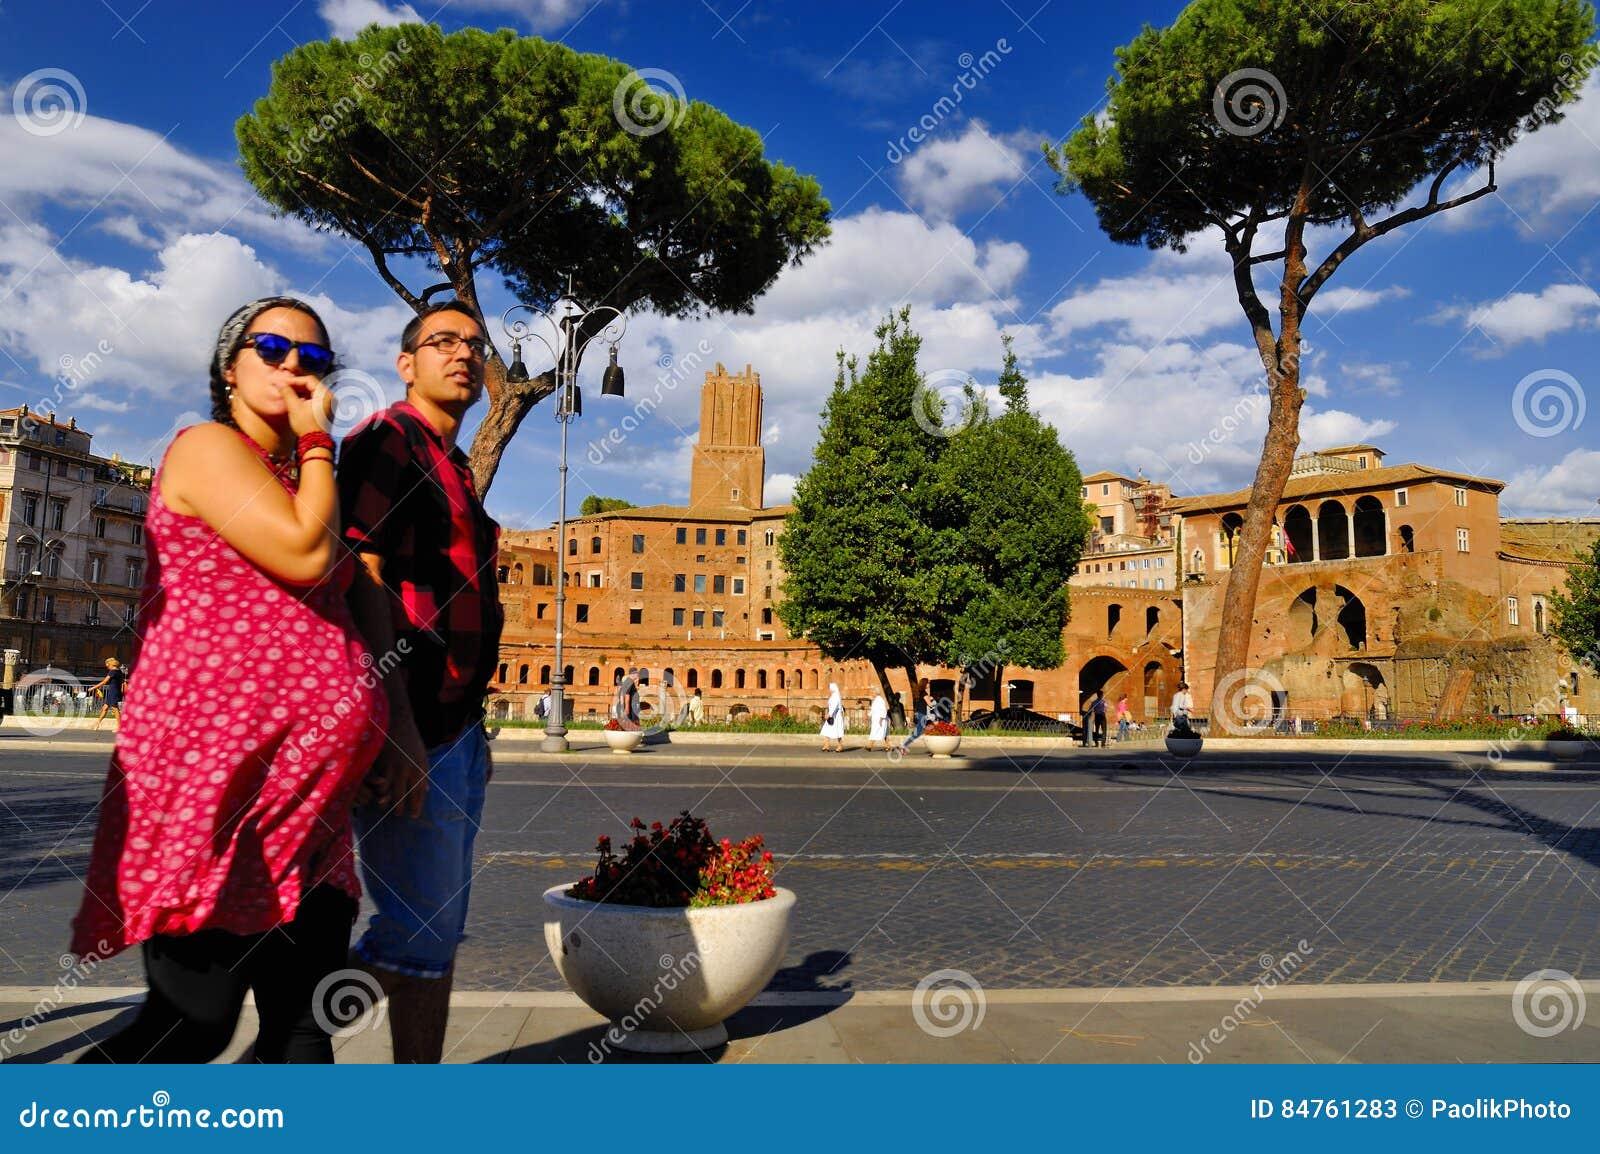 FORUM ROMANUM, ROM, ITALIEN 24. SEPTEMBER